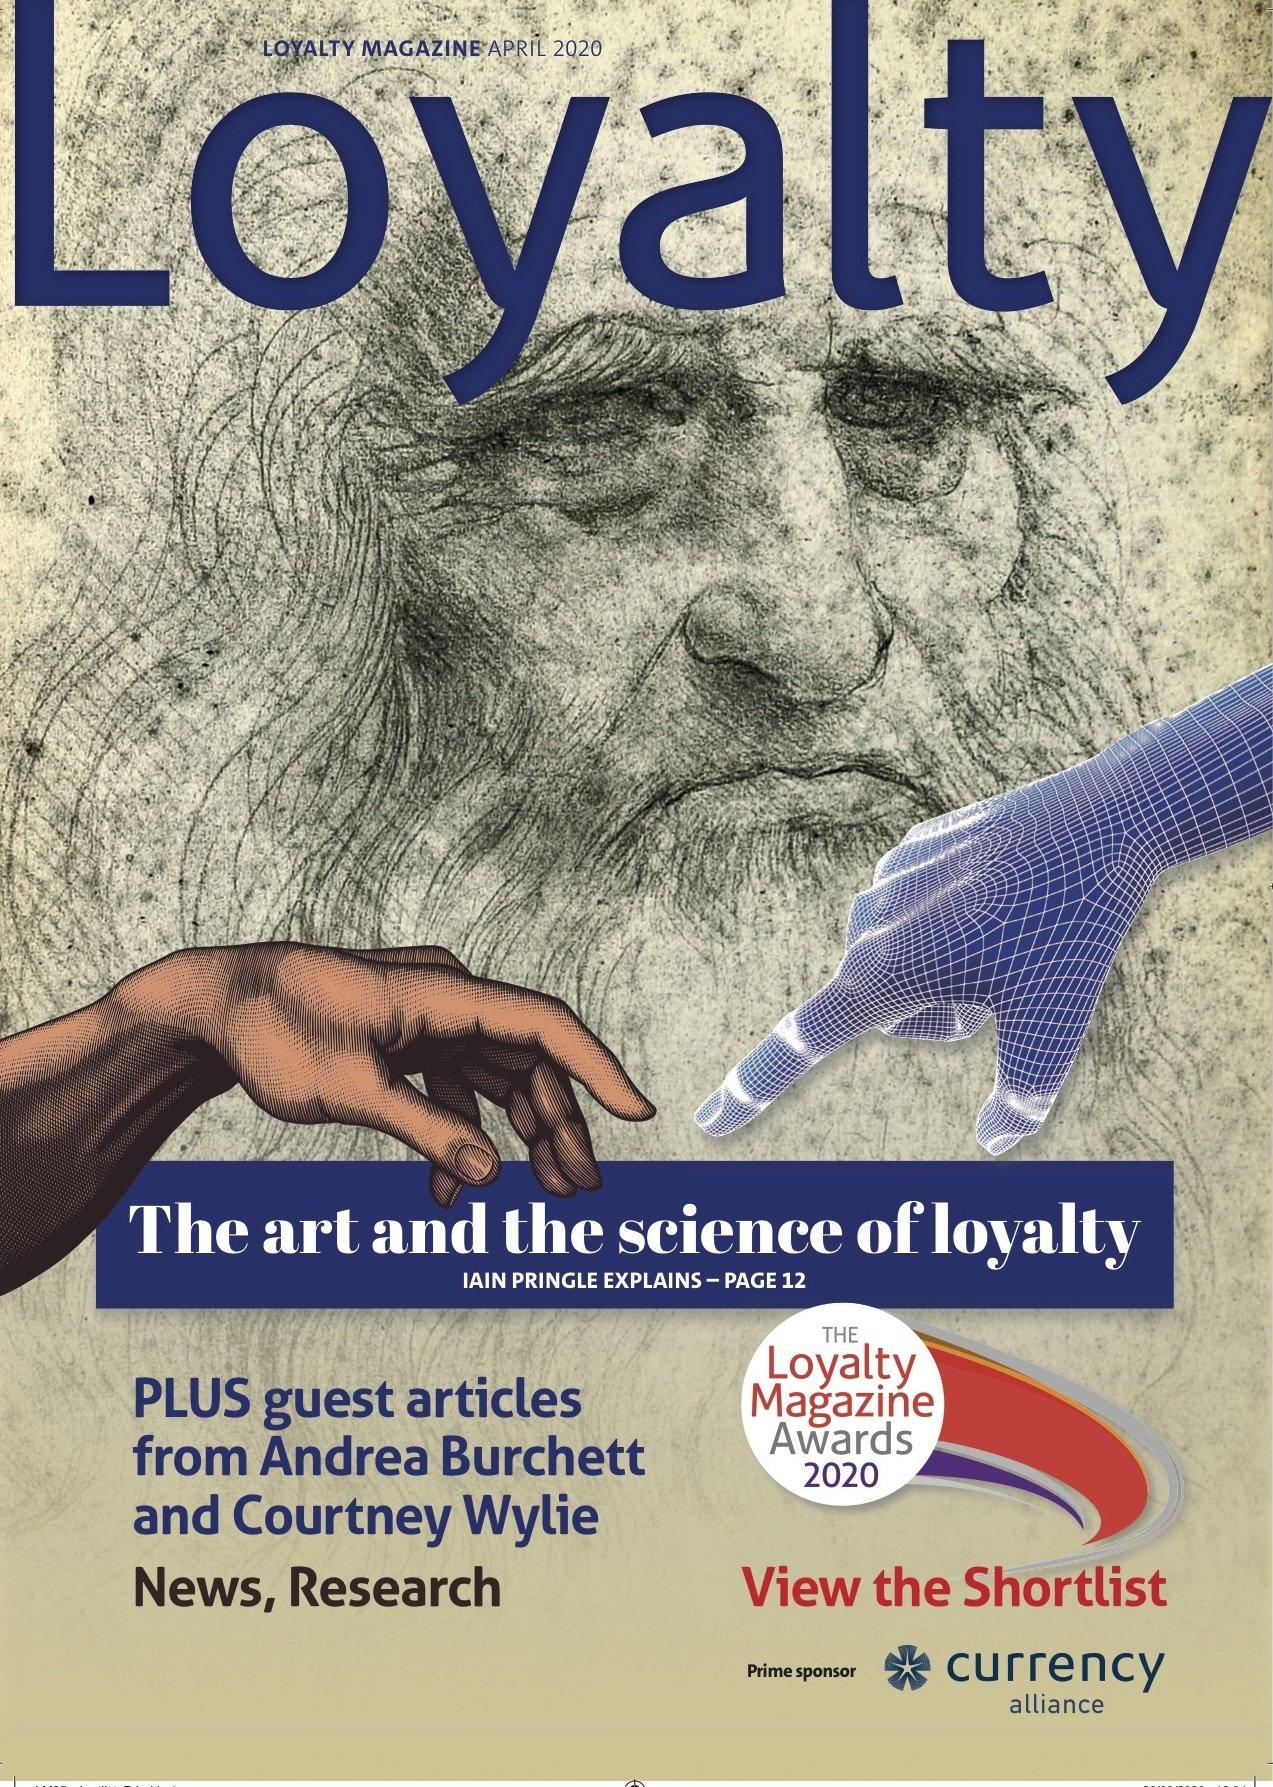 Loyalty Magazine Finalists 2020